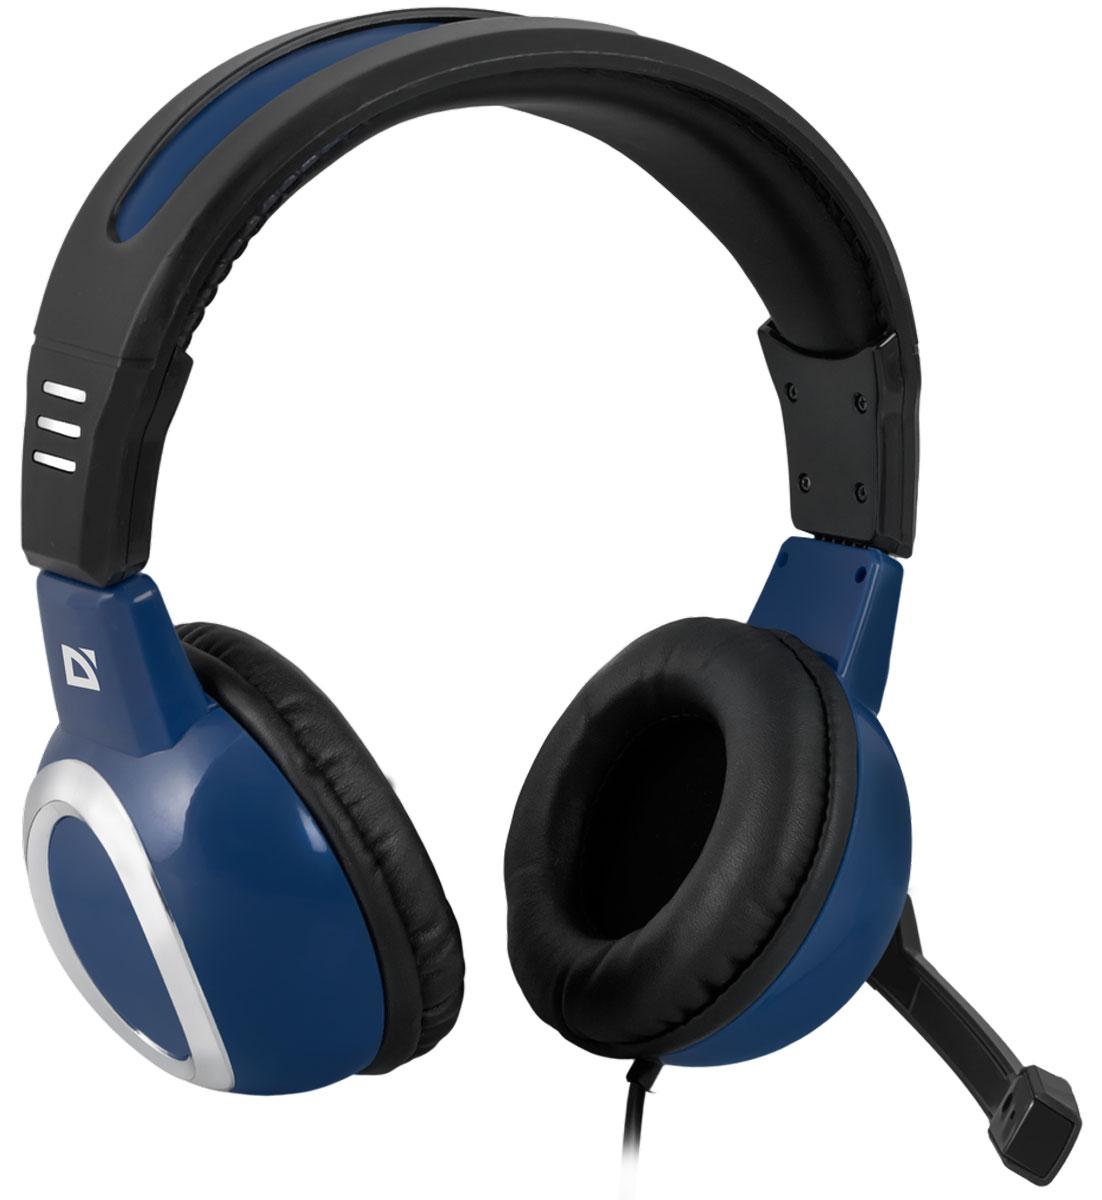 Defender Warhead G-280, Blue игровая гарнитура64125Игровая гарнитура Defender Warhead G-280 предназначена для компьютеров нового поколения, использующих комбинированный четырехпиновый разъем для наушников и микрофона. Наушники закрытого типа с большими 40 мм динамиками гарантируют мощный чистый звук. На кабеле гарнитуры удобно расположен регулятор громкости. Благодаря надежной звукоизоляции и комфортным амбюшурам вы сможете играть или слушать музыку с комфортом - ничто не будет вам мешать! Частотный диапазон микрофона: 20 Гц - 16 кГц Сопротивление микрофона: 2,2 кОма Чувствительность микрофона: 54 дБ